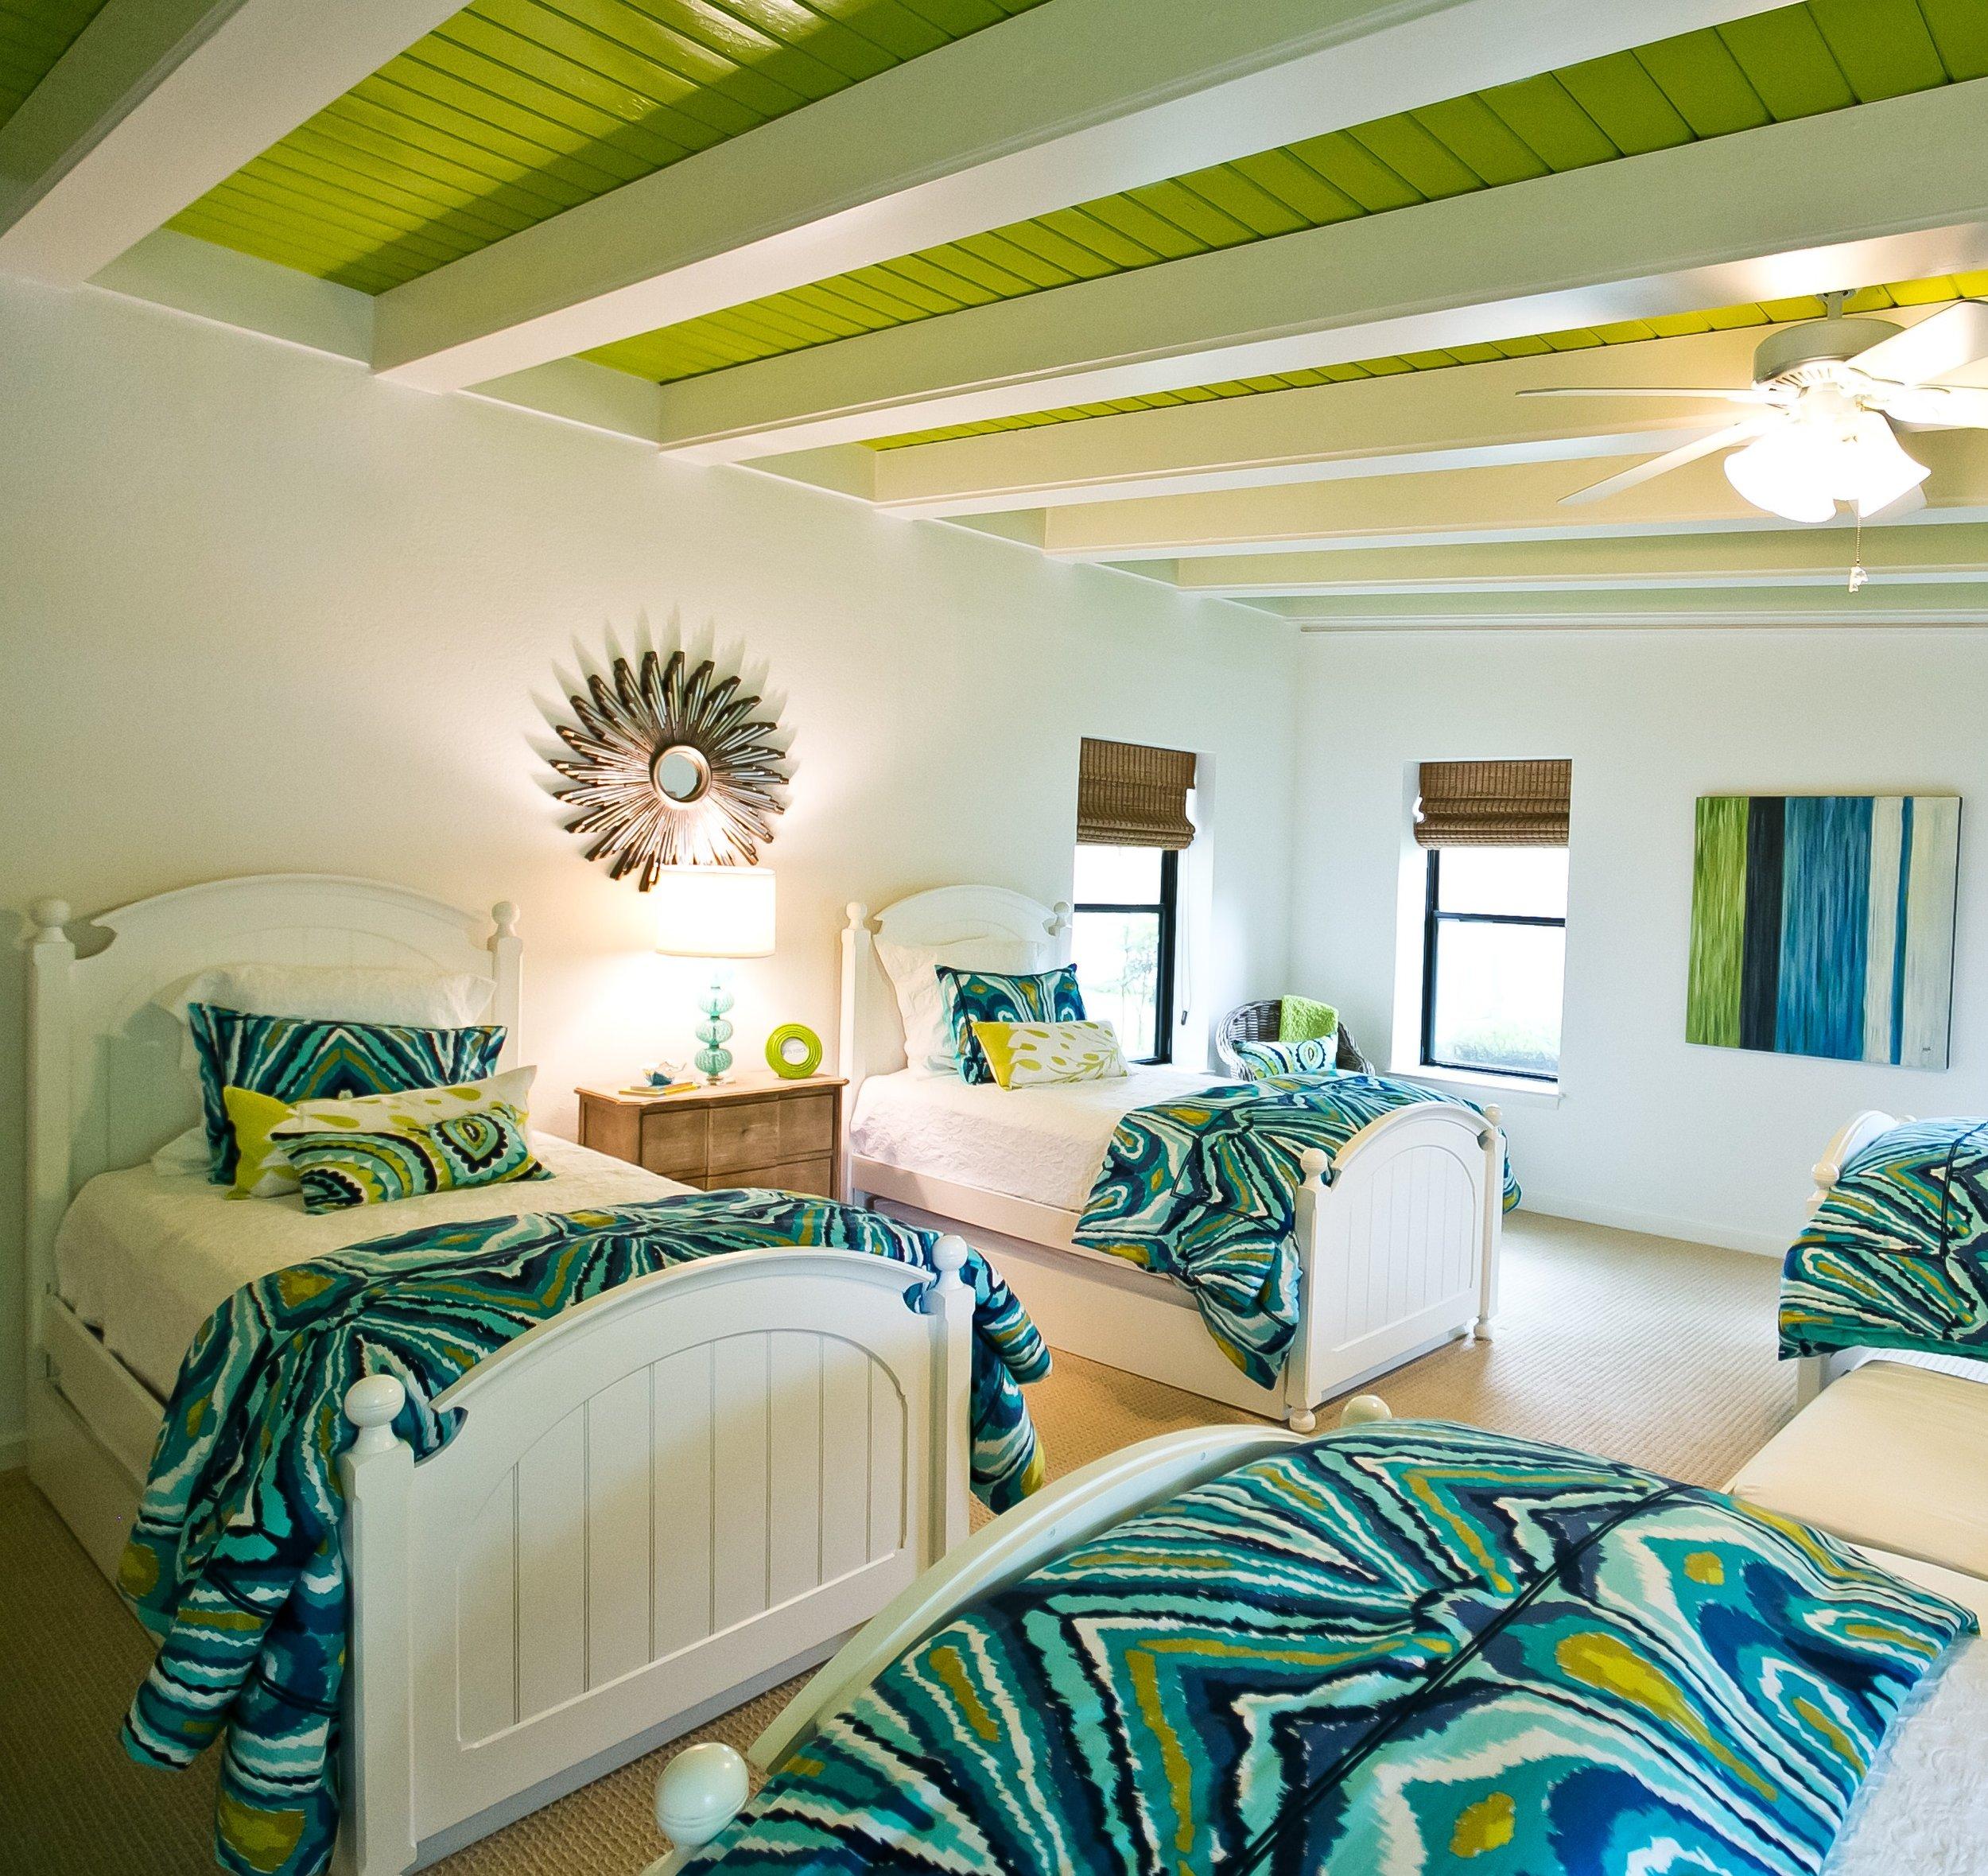 bunk room sparta 3 - Copy.jpg